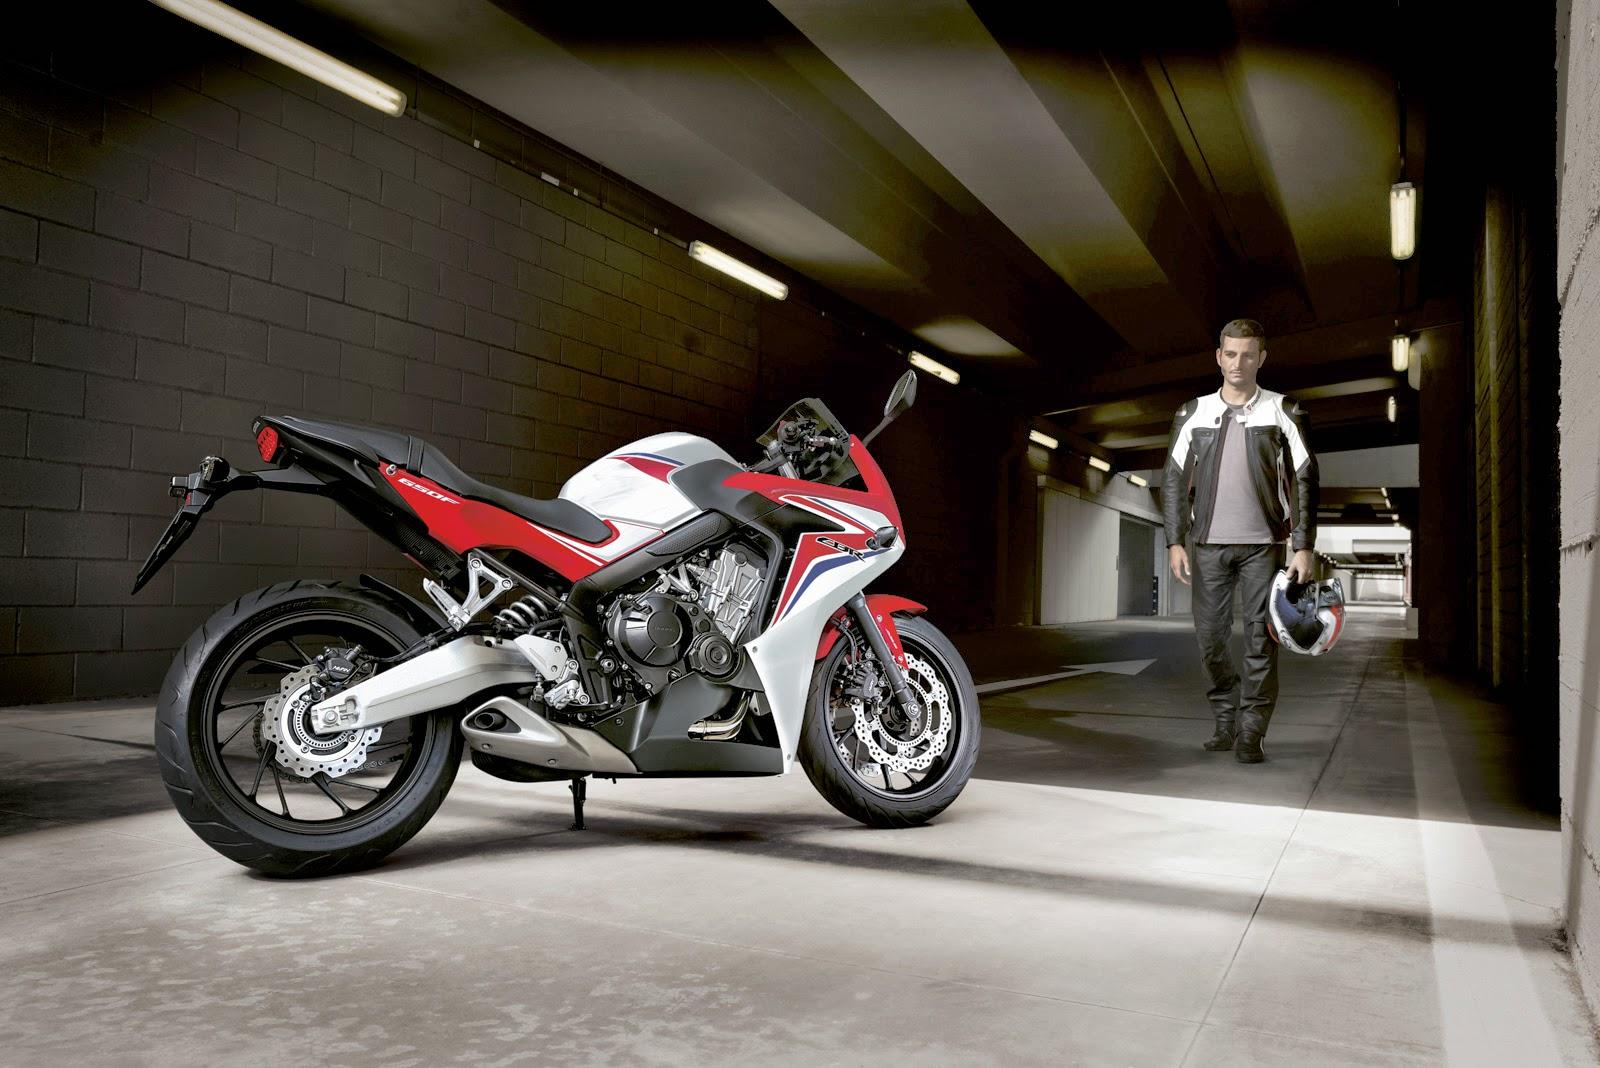 Honda CBR 650F UPcoming Motorcycles Wallpapers